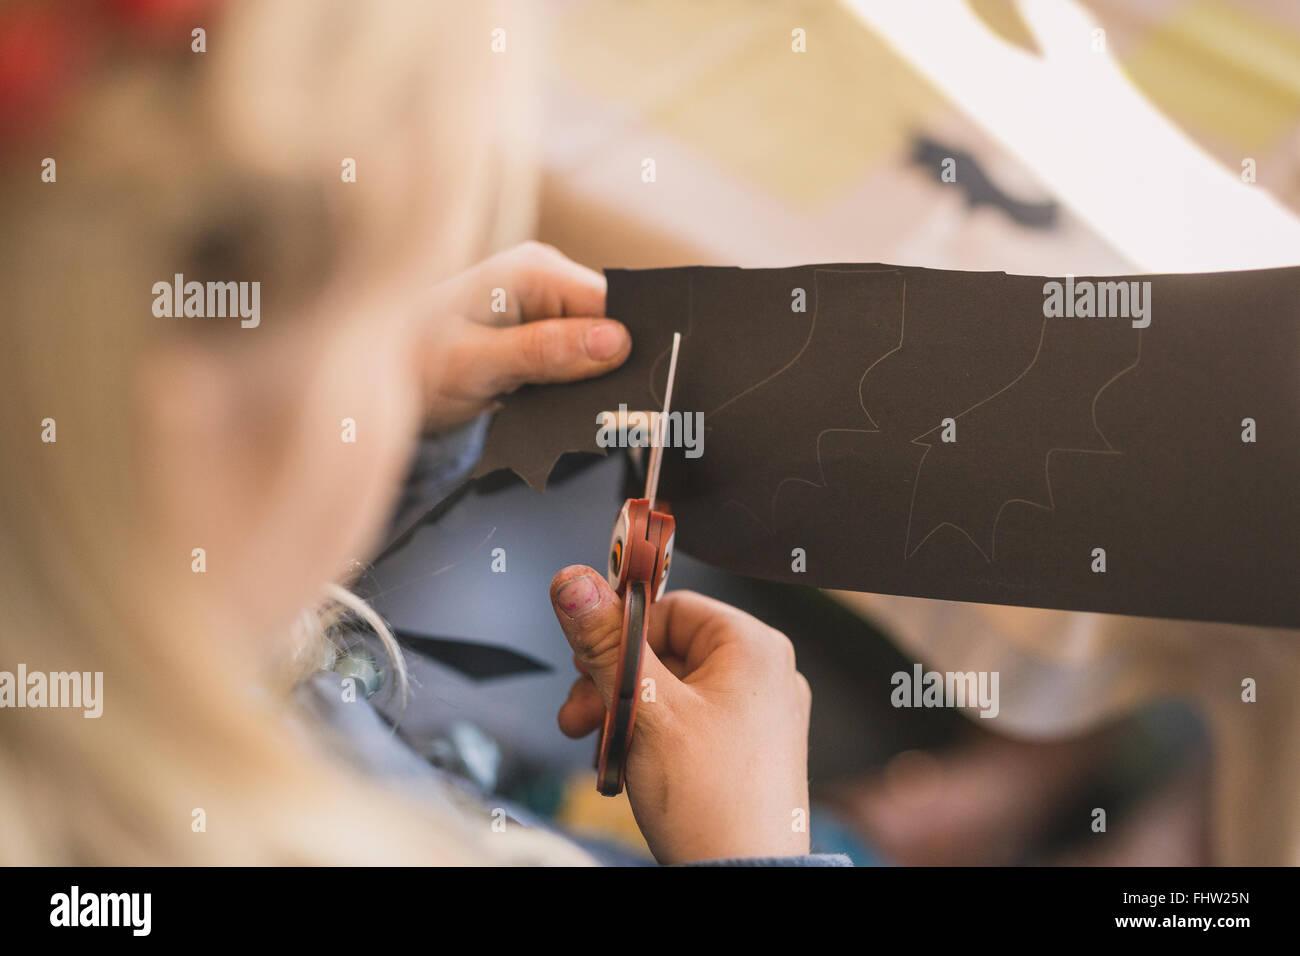 Mädchen Schneiden von Papier mit einer Schere Eule-Form Stockbild